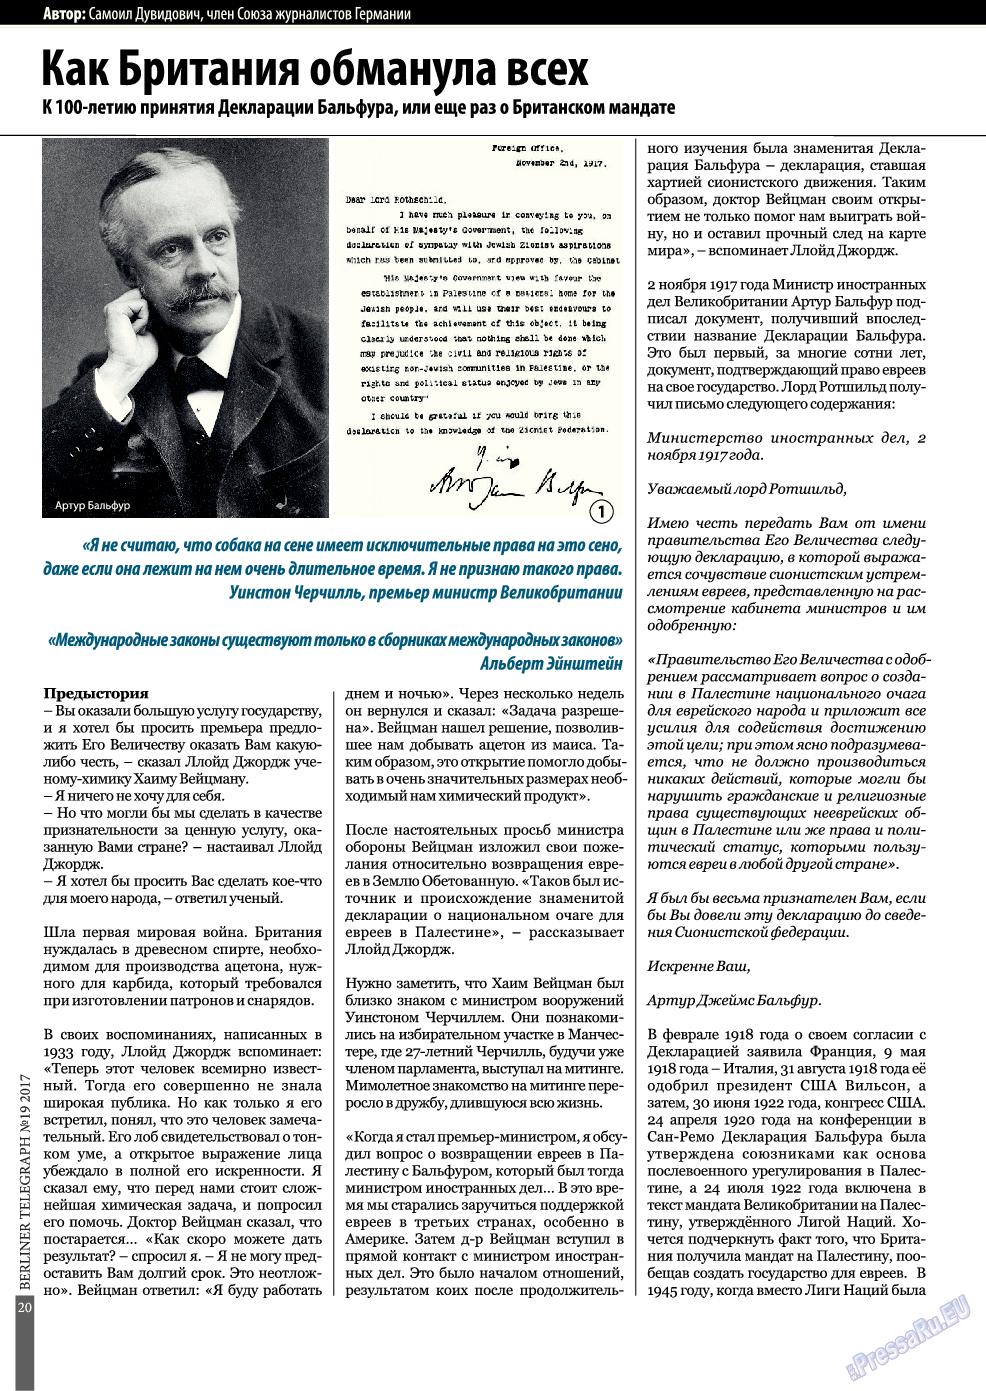 Берлинский телеграф (журнал). 2017 год, номер 19, стр. 20